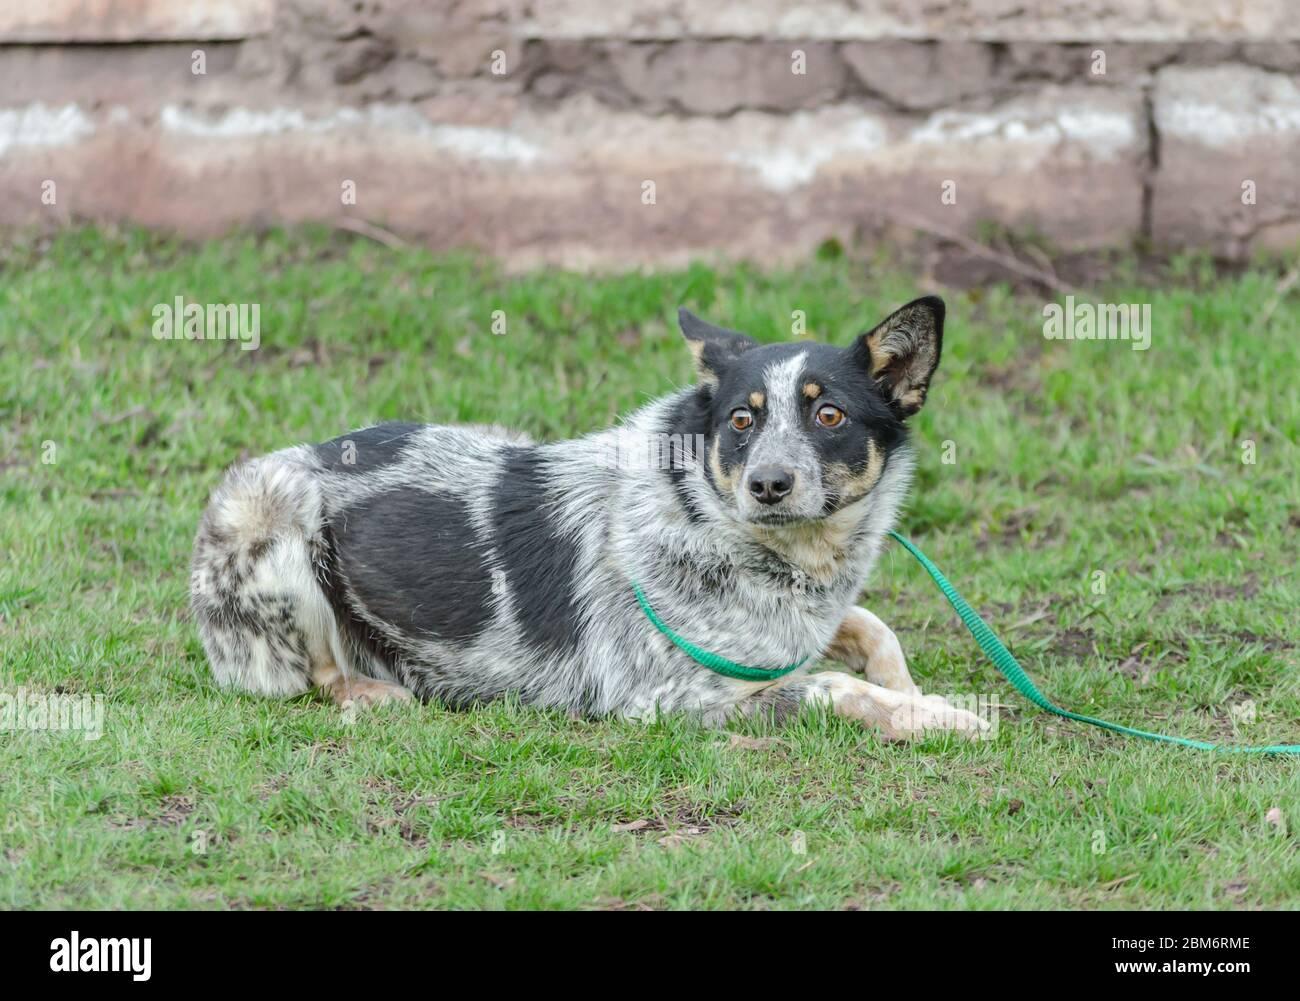 Erschrockener schwarz-weißer Hundeheißel an der Leine liegt auf grünem Gras Stockfoto